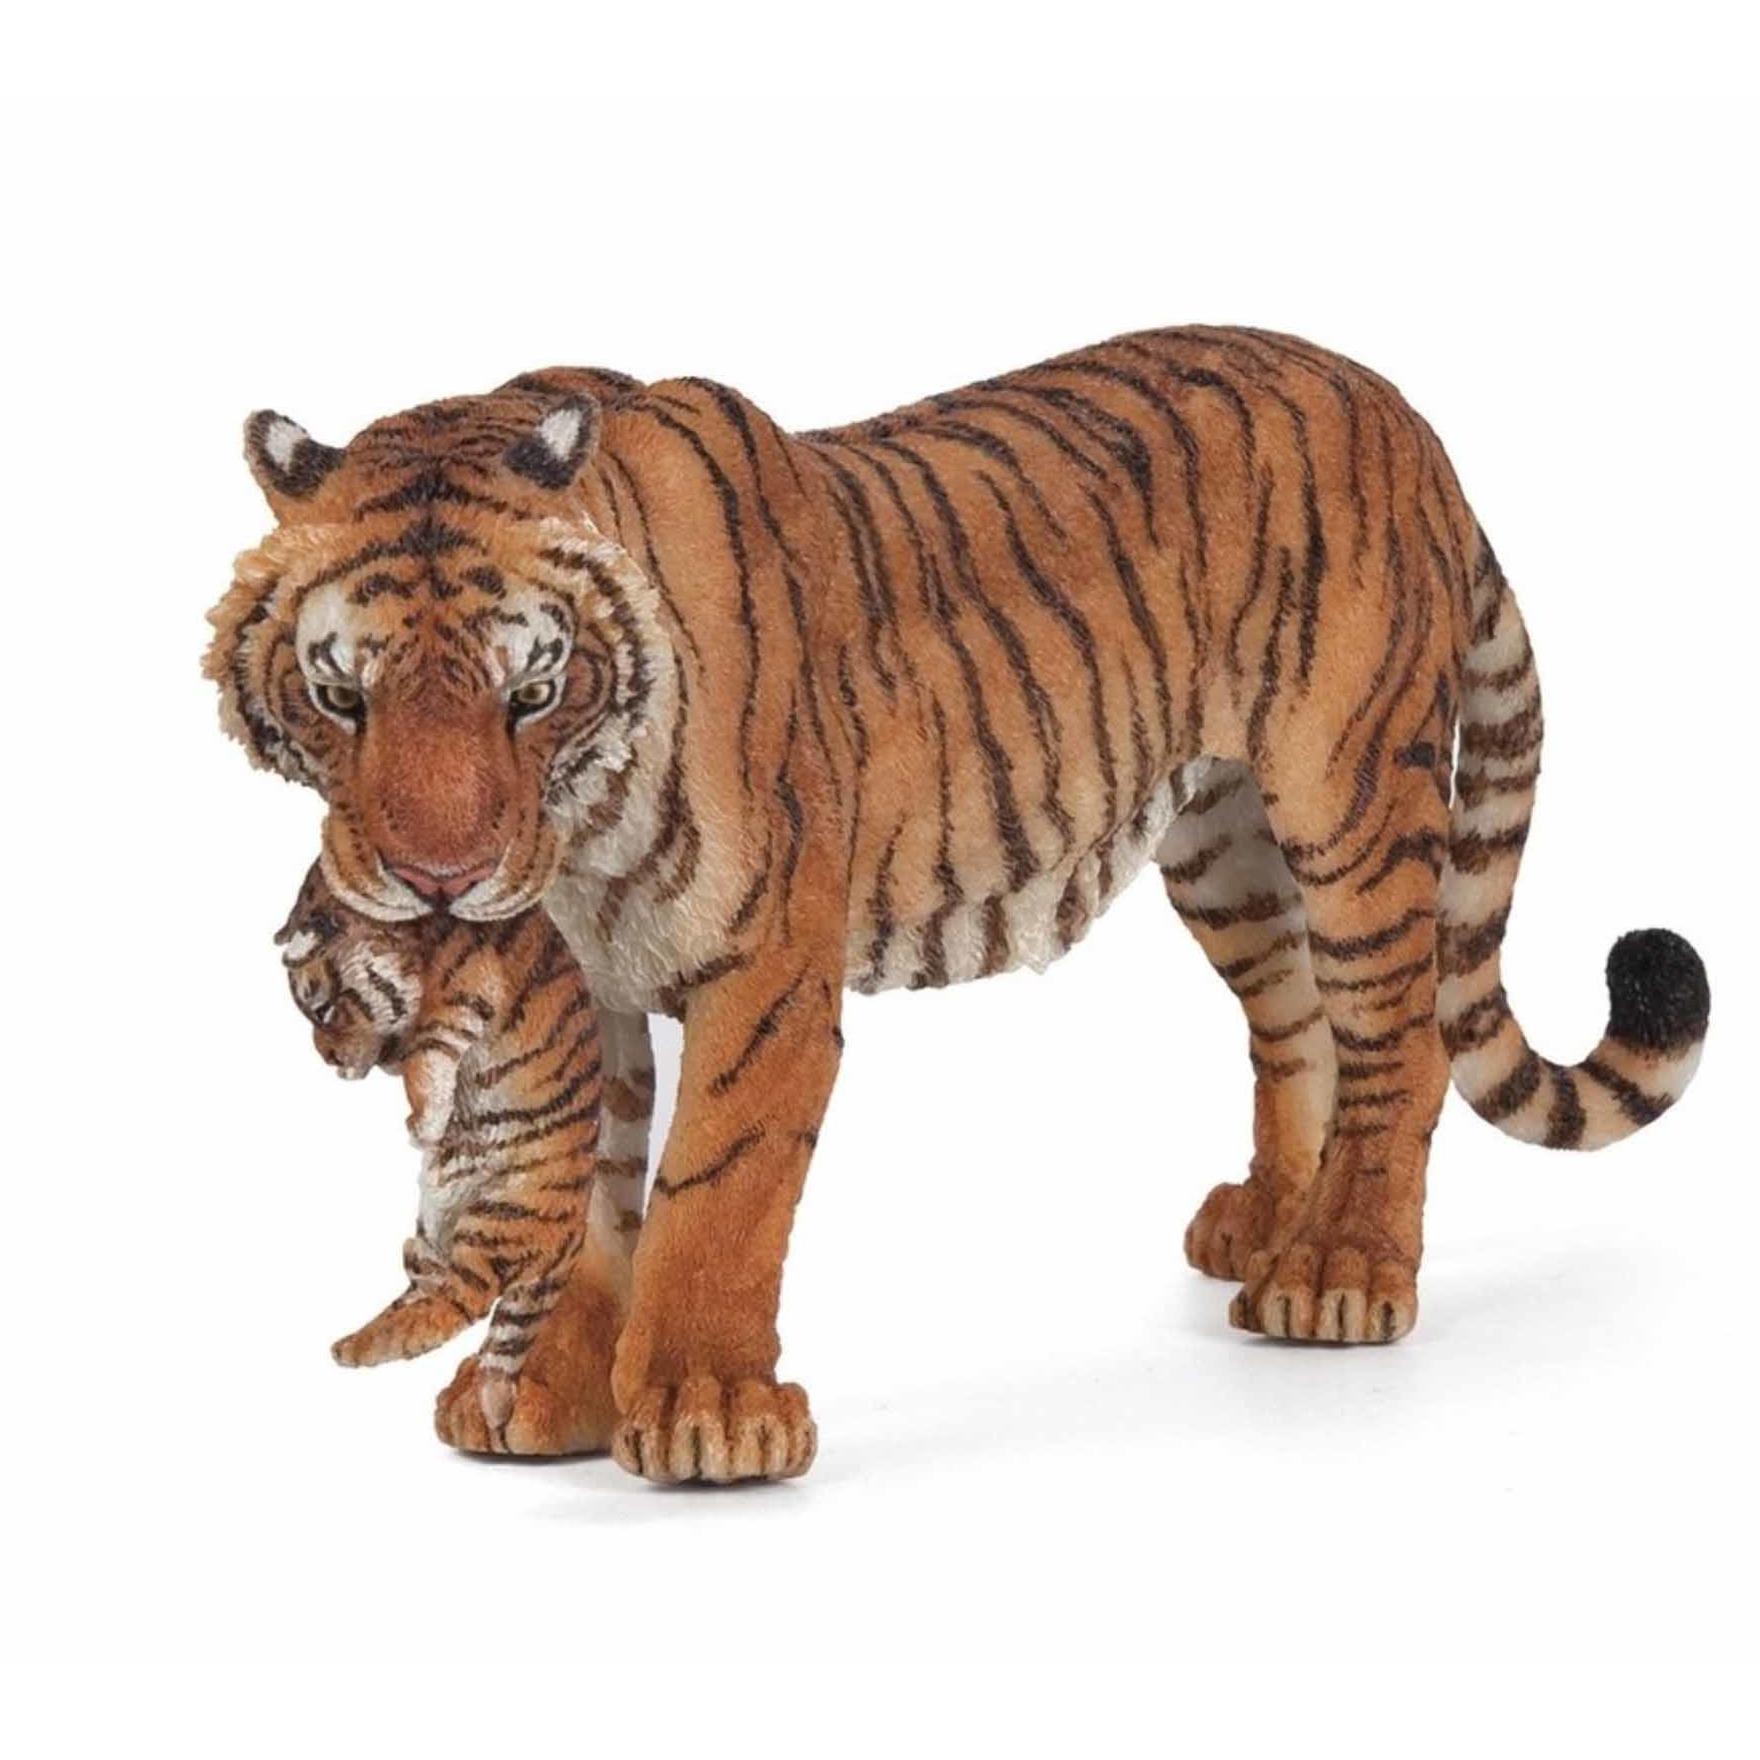 Plastic speelgoed tijgers met welpje 15 cm